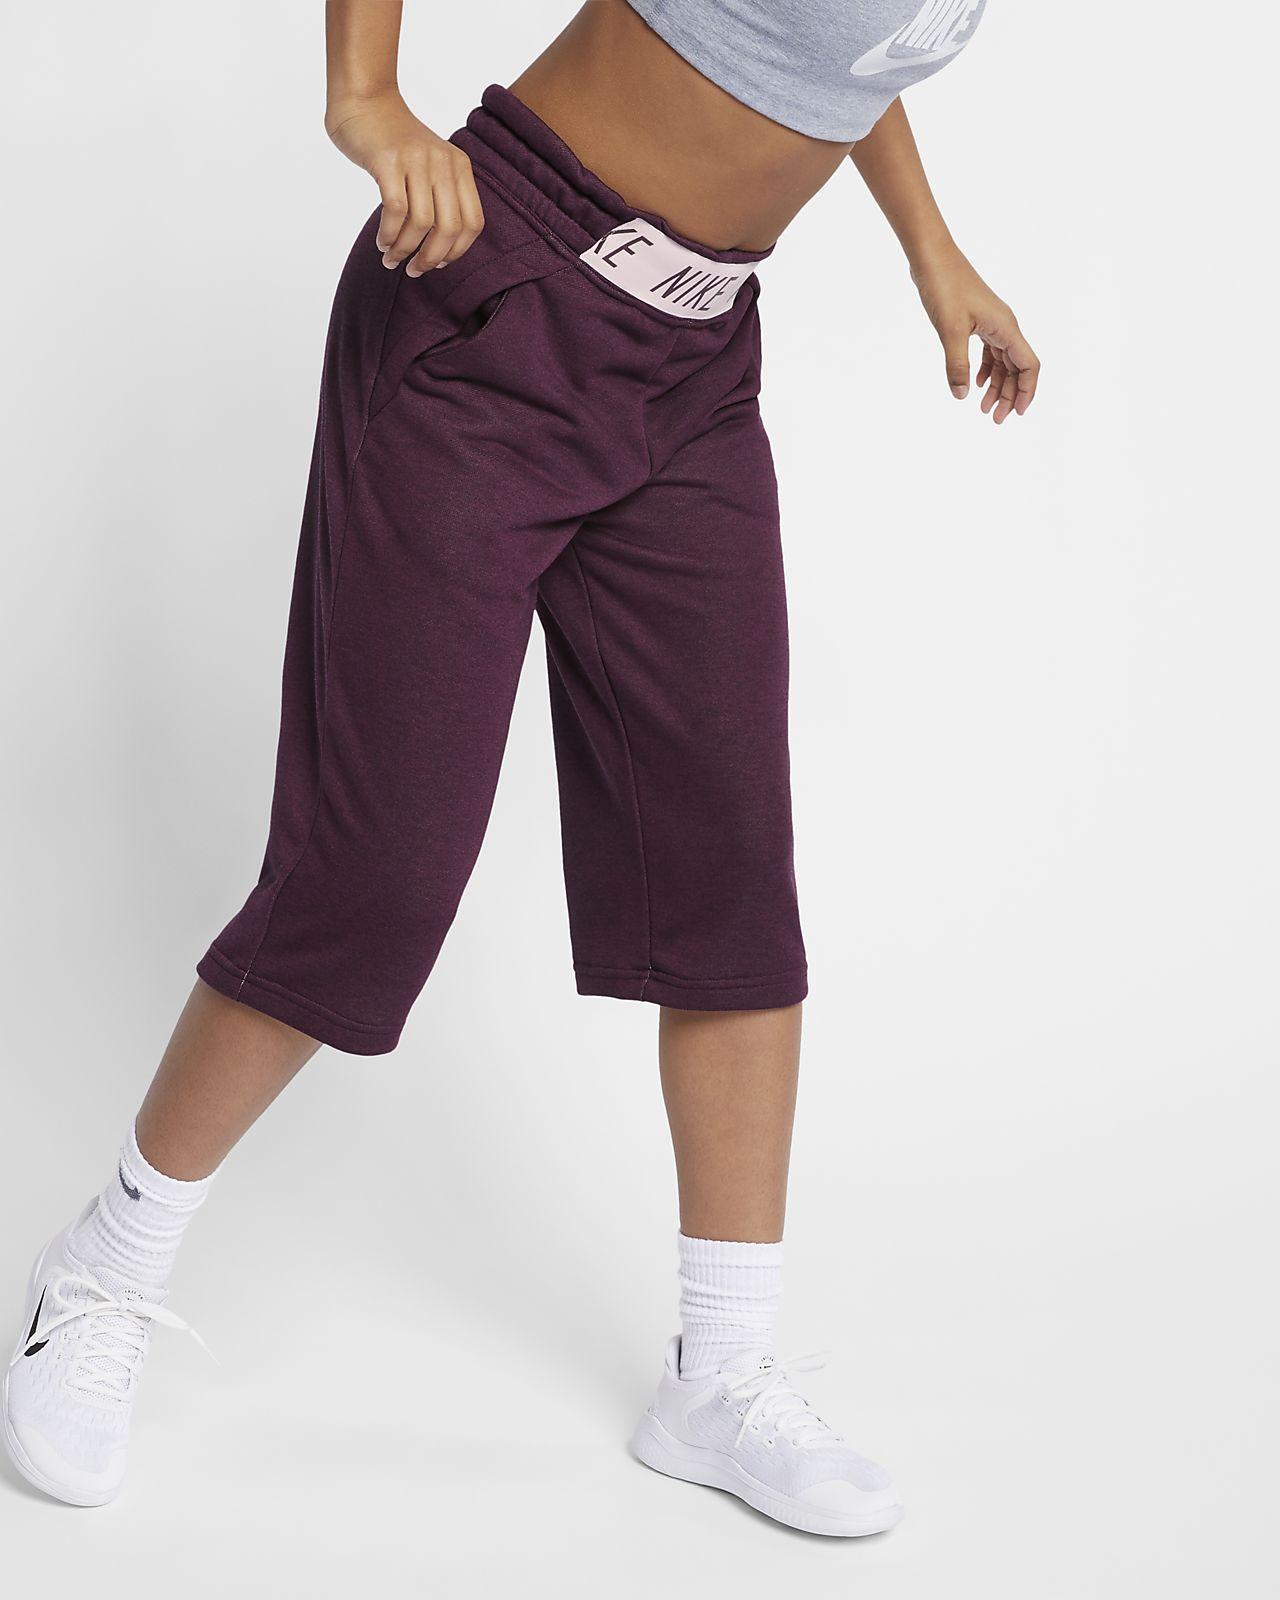 Träningsbyxor i culottemodell Nike för ungdom (tjejer)